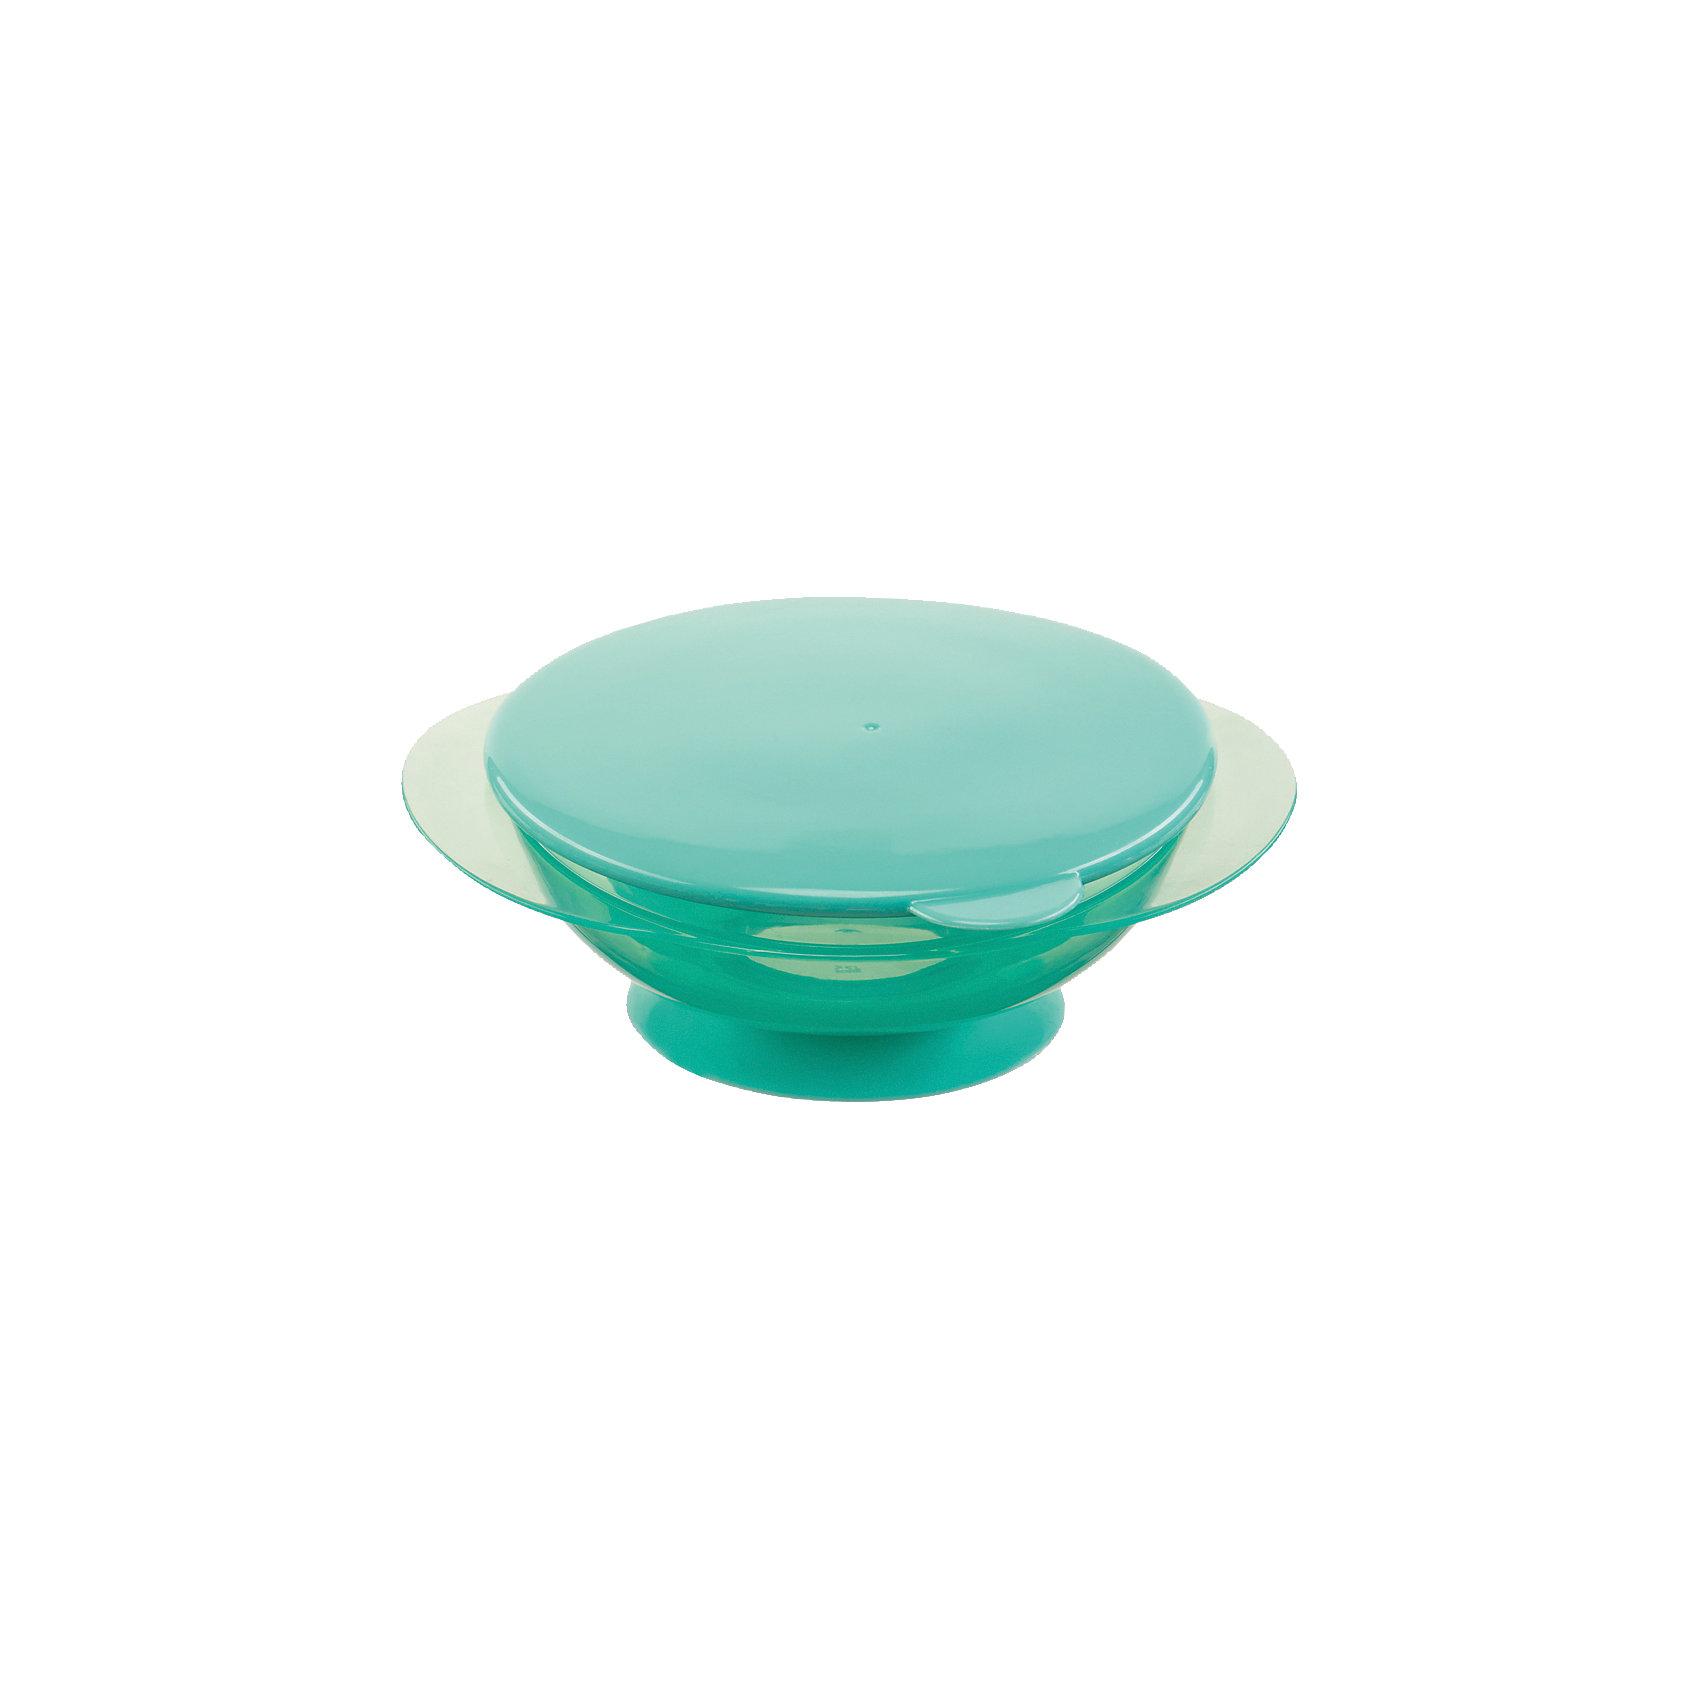 Тарелка на присоске с крышкой FEEDING BOWL, Happy Baby, ментоловыйТарелки<br>Удобная тарелка на присоске станет незаменимым помощником во время кормления. Тарелка прочно крепится к поверхности стола, исключая опрокидывание, практичная крышка не позволит пище остыть.  Пластиковая посуда удобна и проста в использовании, она не бьется, поэтому идеально подходит для кормления малышей. Тарелка Feedin Bowl выполнена из высококачественных экологичных материалов абсолютно безопасных для детей. <br><br> В товар входит:<br>-тарелка<br>-крышка<br><br>Дополнительная информация:<br><br>- Материал: полипропилен, термопластичный эластомер<br>- Размер: 7х17х15 см. <br>- Герметичная крышка.<br>- Нескользящее дно с присоской.<br>- Удобные ручки.<br>- Не подходит для использования в СВЧ.<br>-Цвет: ментоловый<br>-Бренд: Happy Baby (Хеппи Беби)<br><br>Тарелку на присоске с крышкой FEEDING BOWL, Happy Baby (Хеппи Беби), можно купить в нашем магазине.<br><br>Ширина мм: 65<br>Глубина мм: 170<br>Высота мм: 205<br>Вес г: 106<br>Возраст от месяцев: 8<br>Возраст до месяцев: 36<br>Пол: Унисекс<br>Возраст: Детский<br>SKU: 5003644